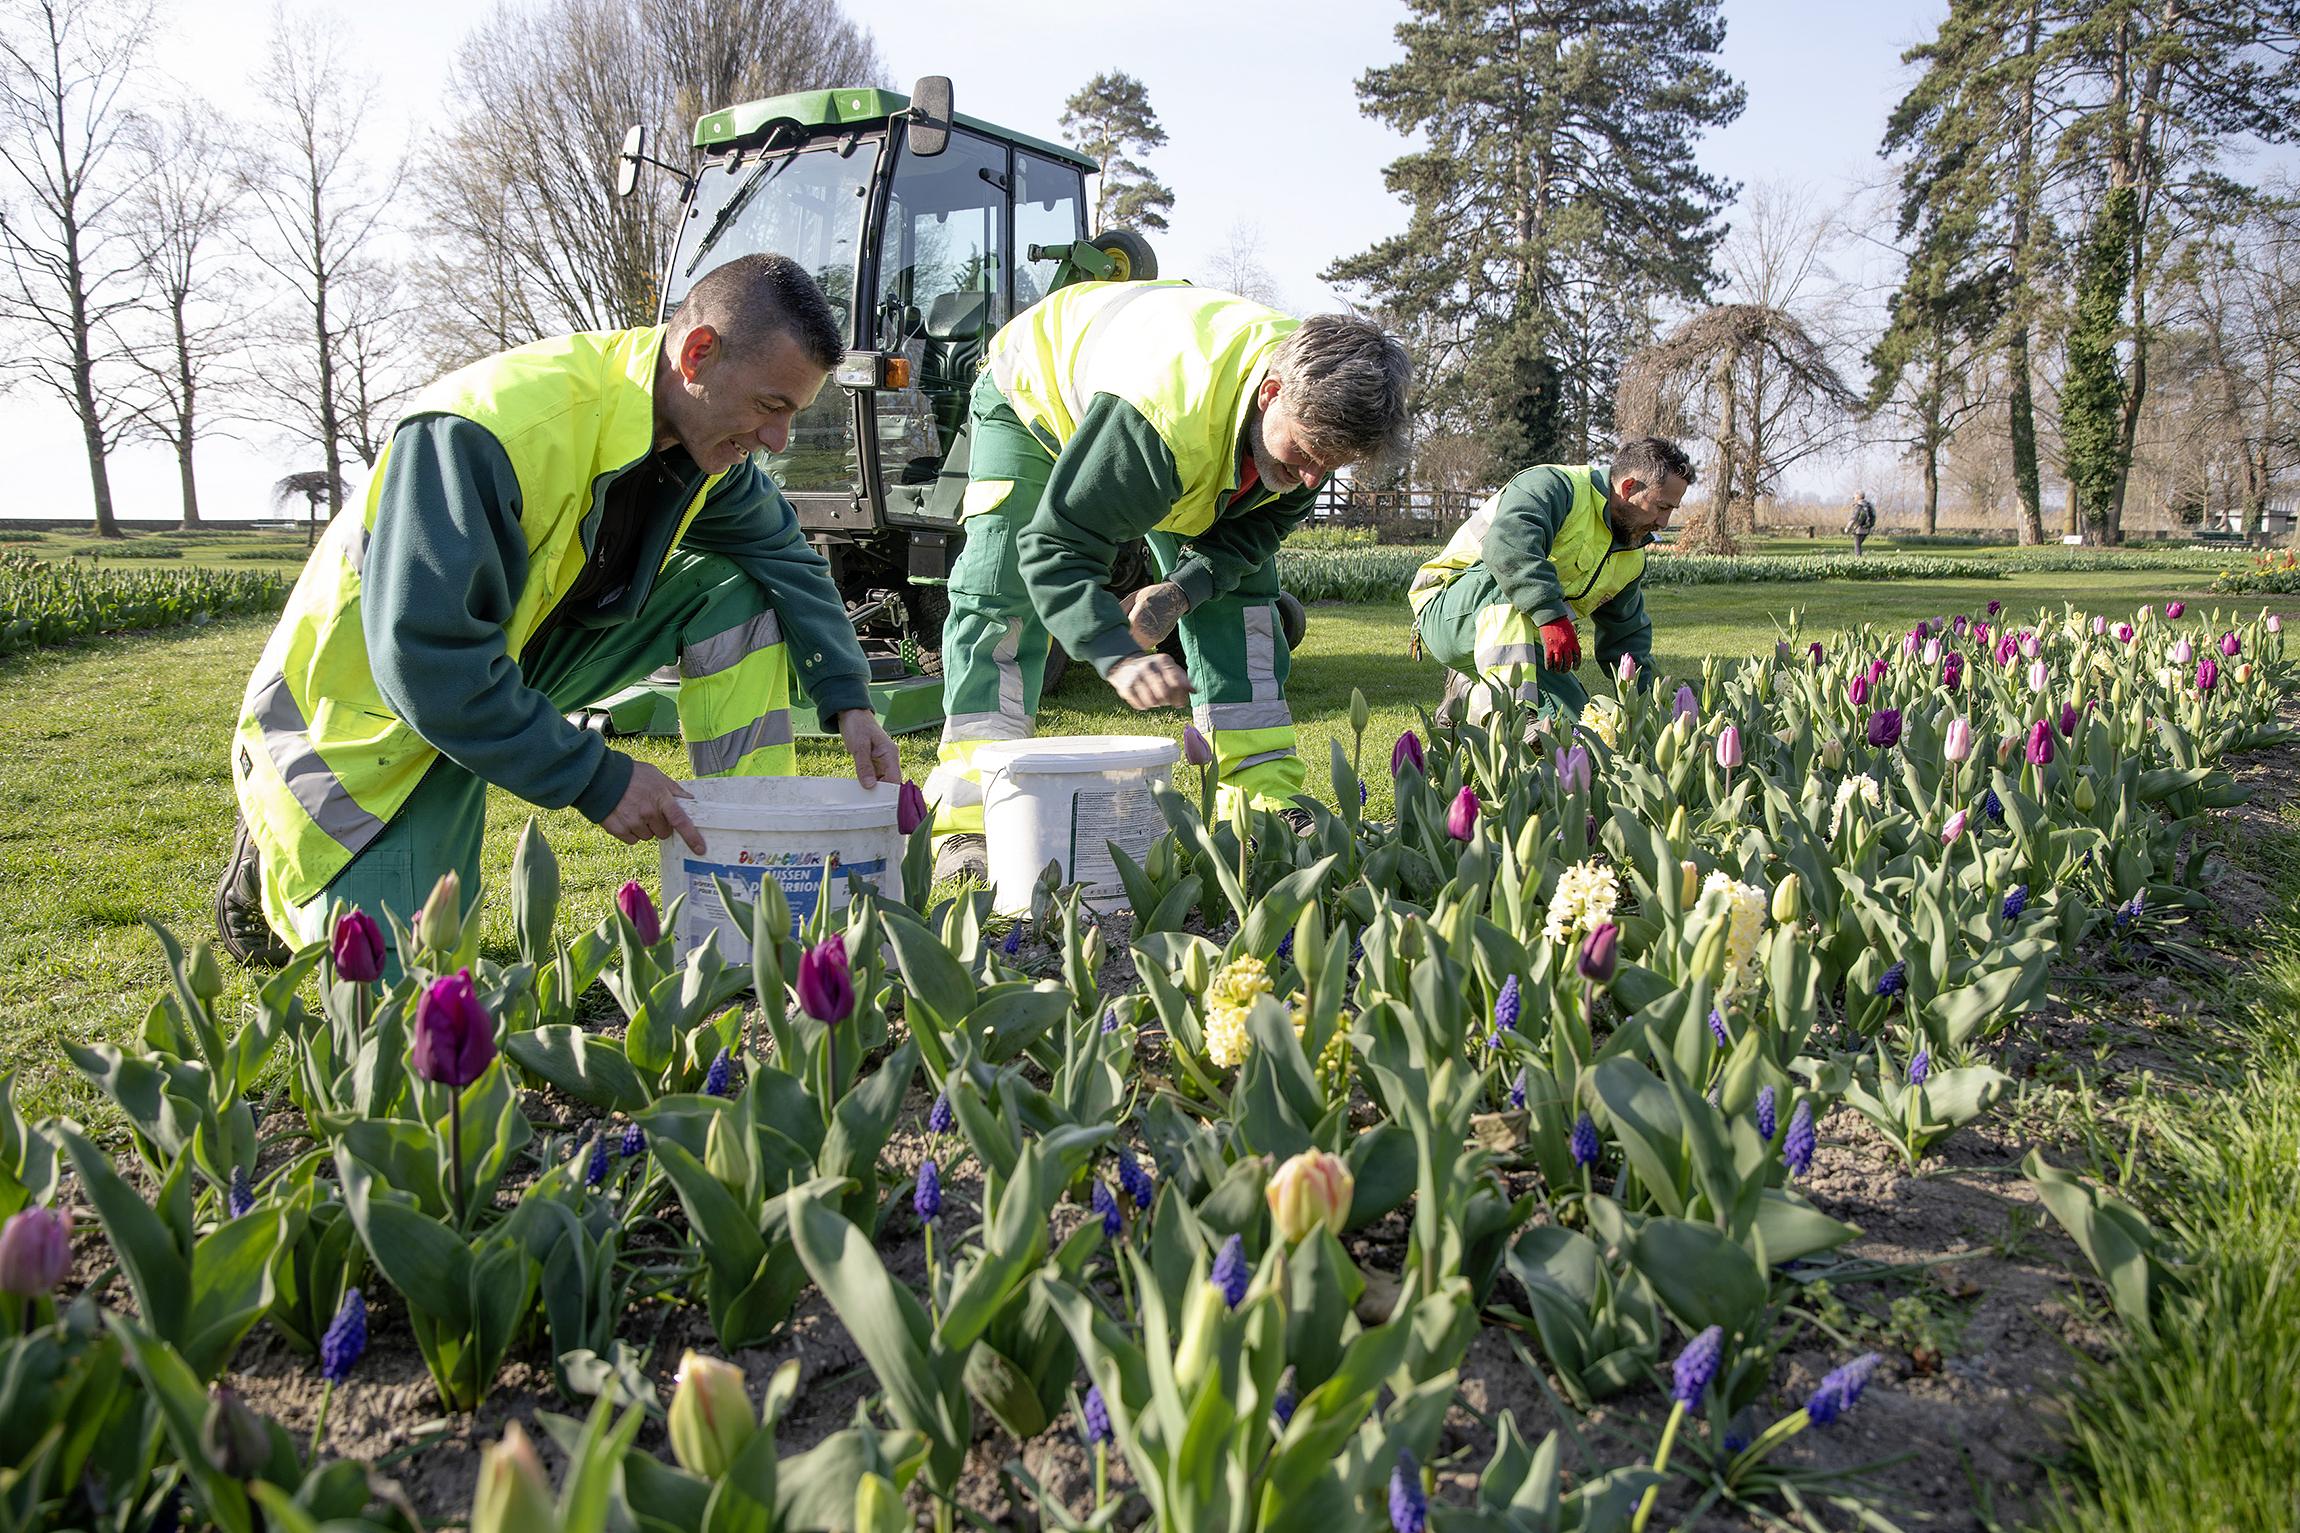 Les tulipes s'ouvriront mais pas le spectacle